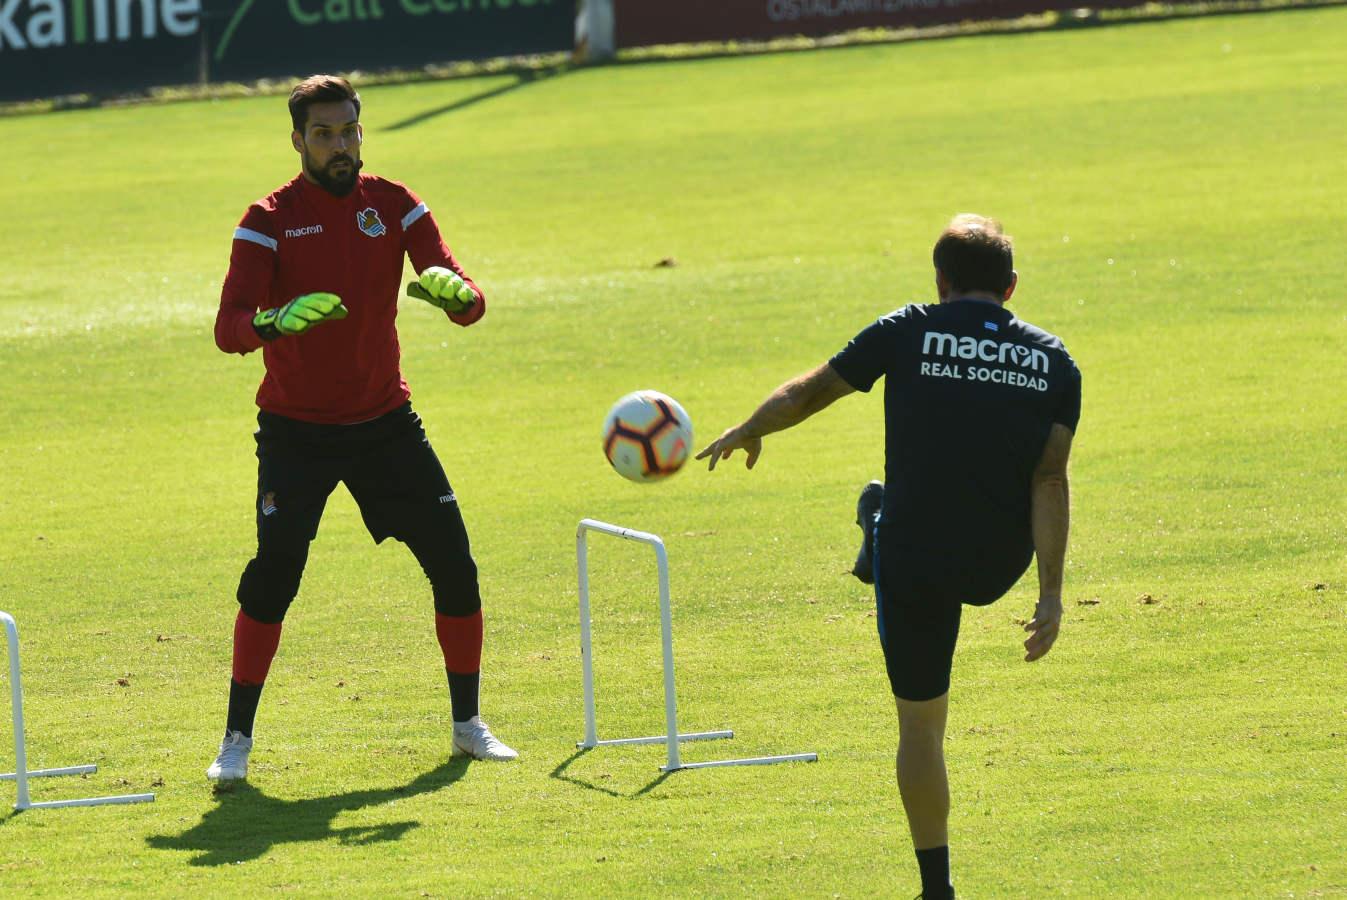 Garitano solo ha podido contar con nueve jugadores y dos porteros